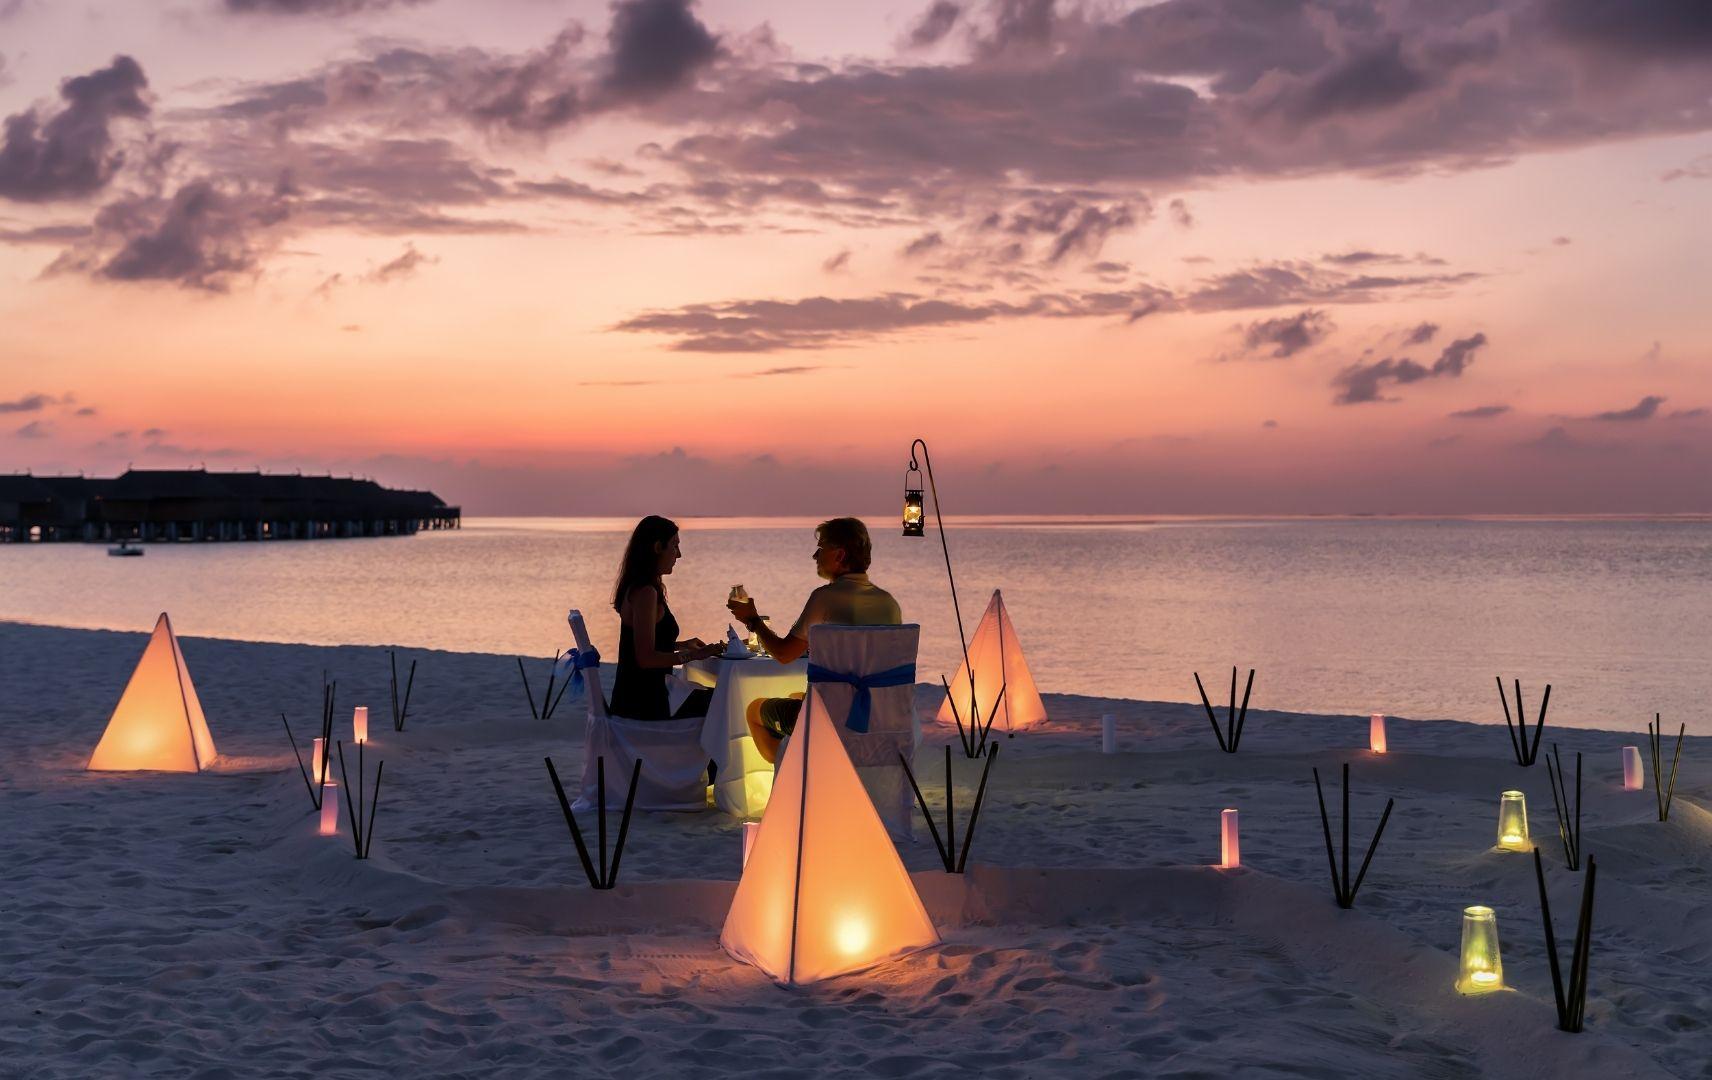 Paar beim Dinner am Strand, Sonnenuntergang